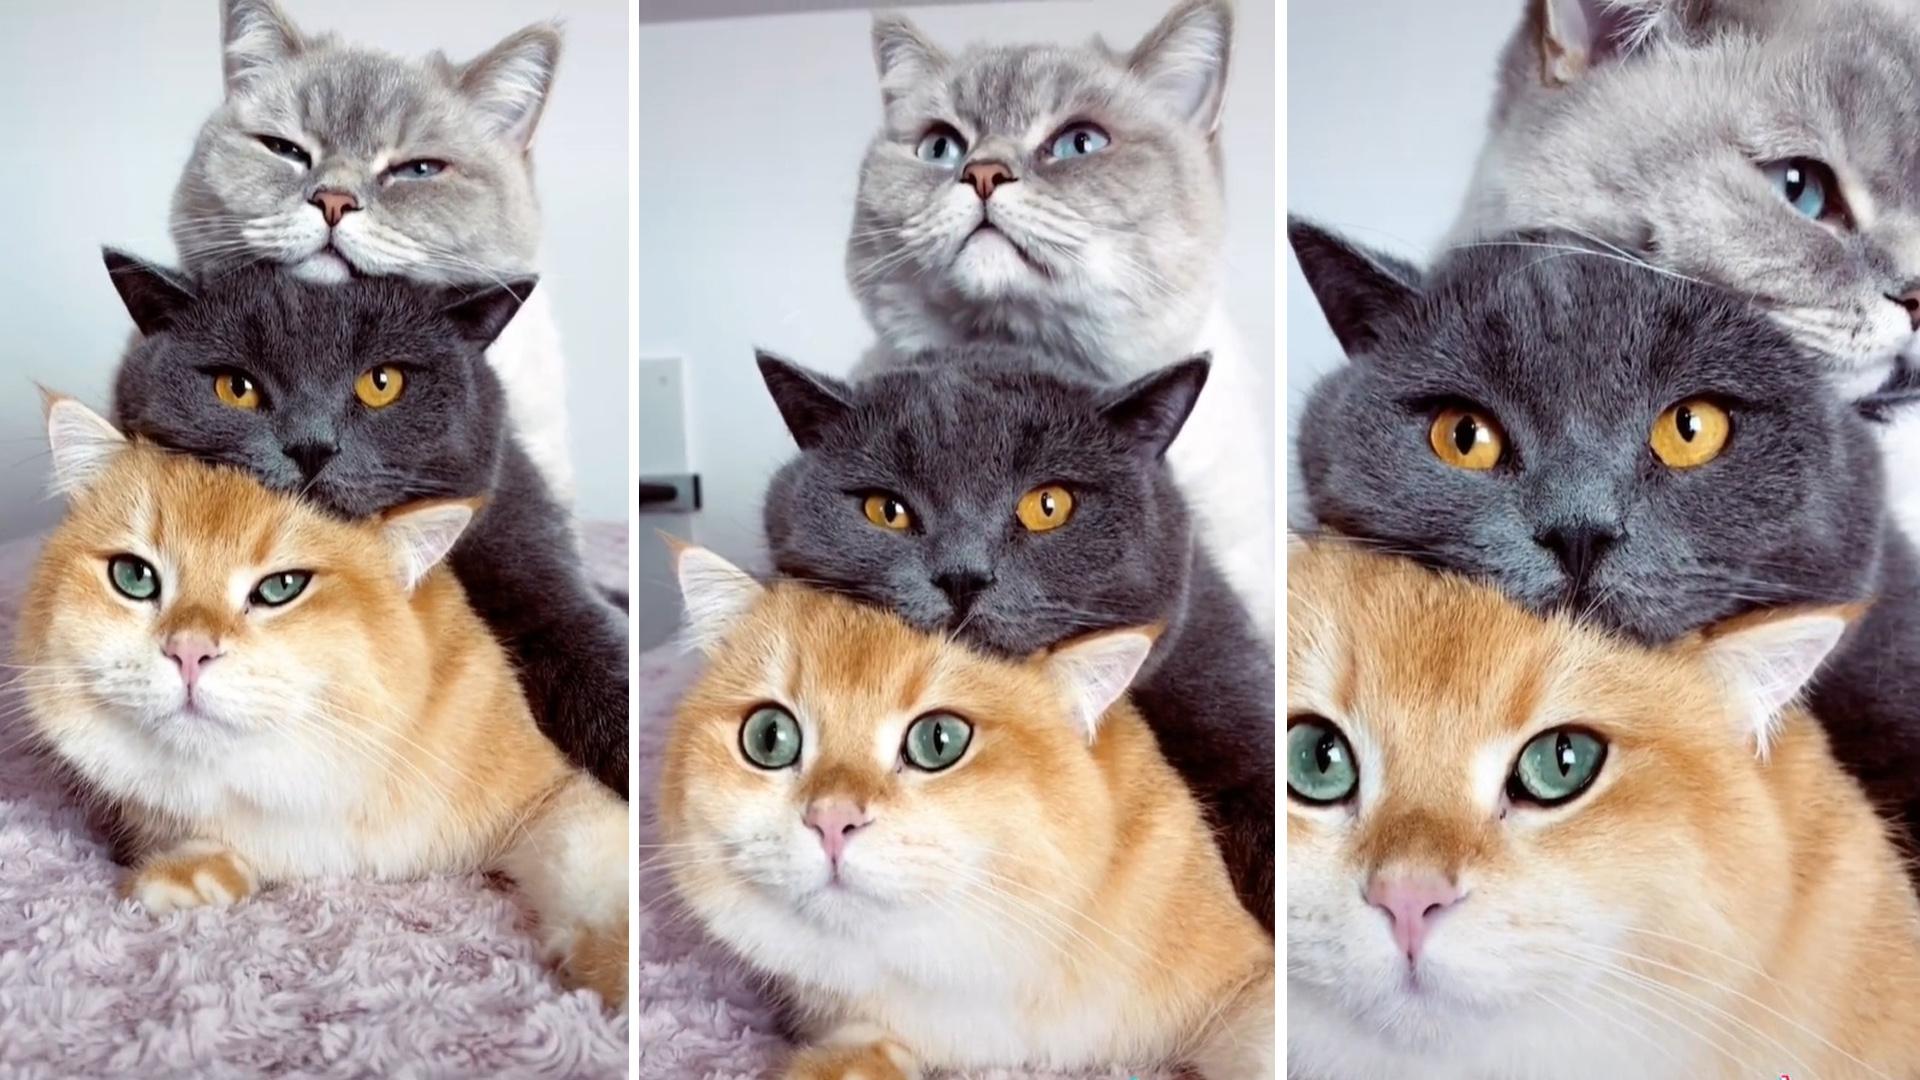 Nós amamos os gatinhos empilhados nesse vídeo lindo – e você?